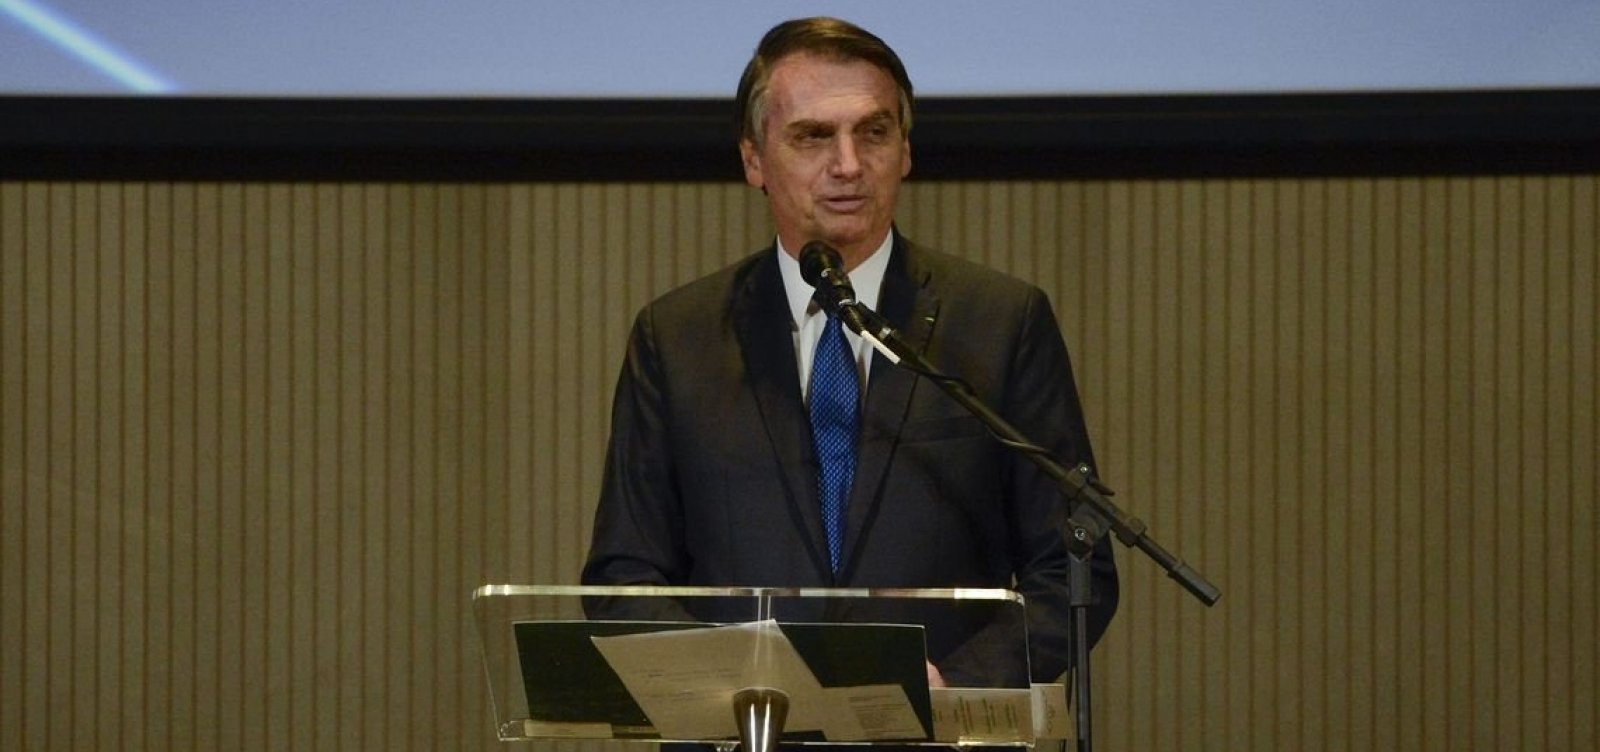 'Exército respira e transpira democracia e liberdade', diz Bolsonaro